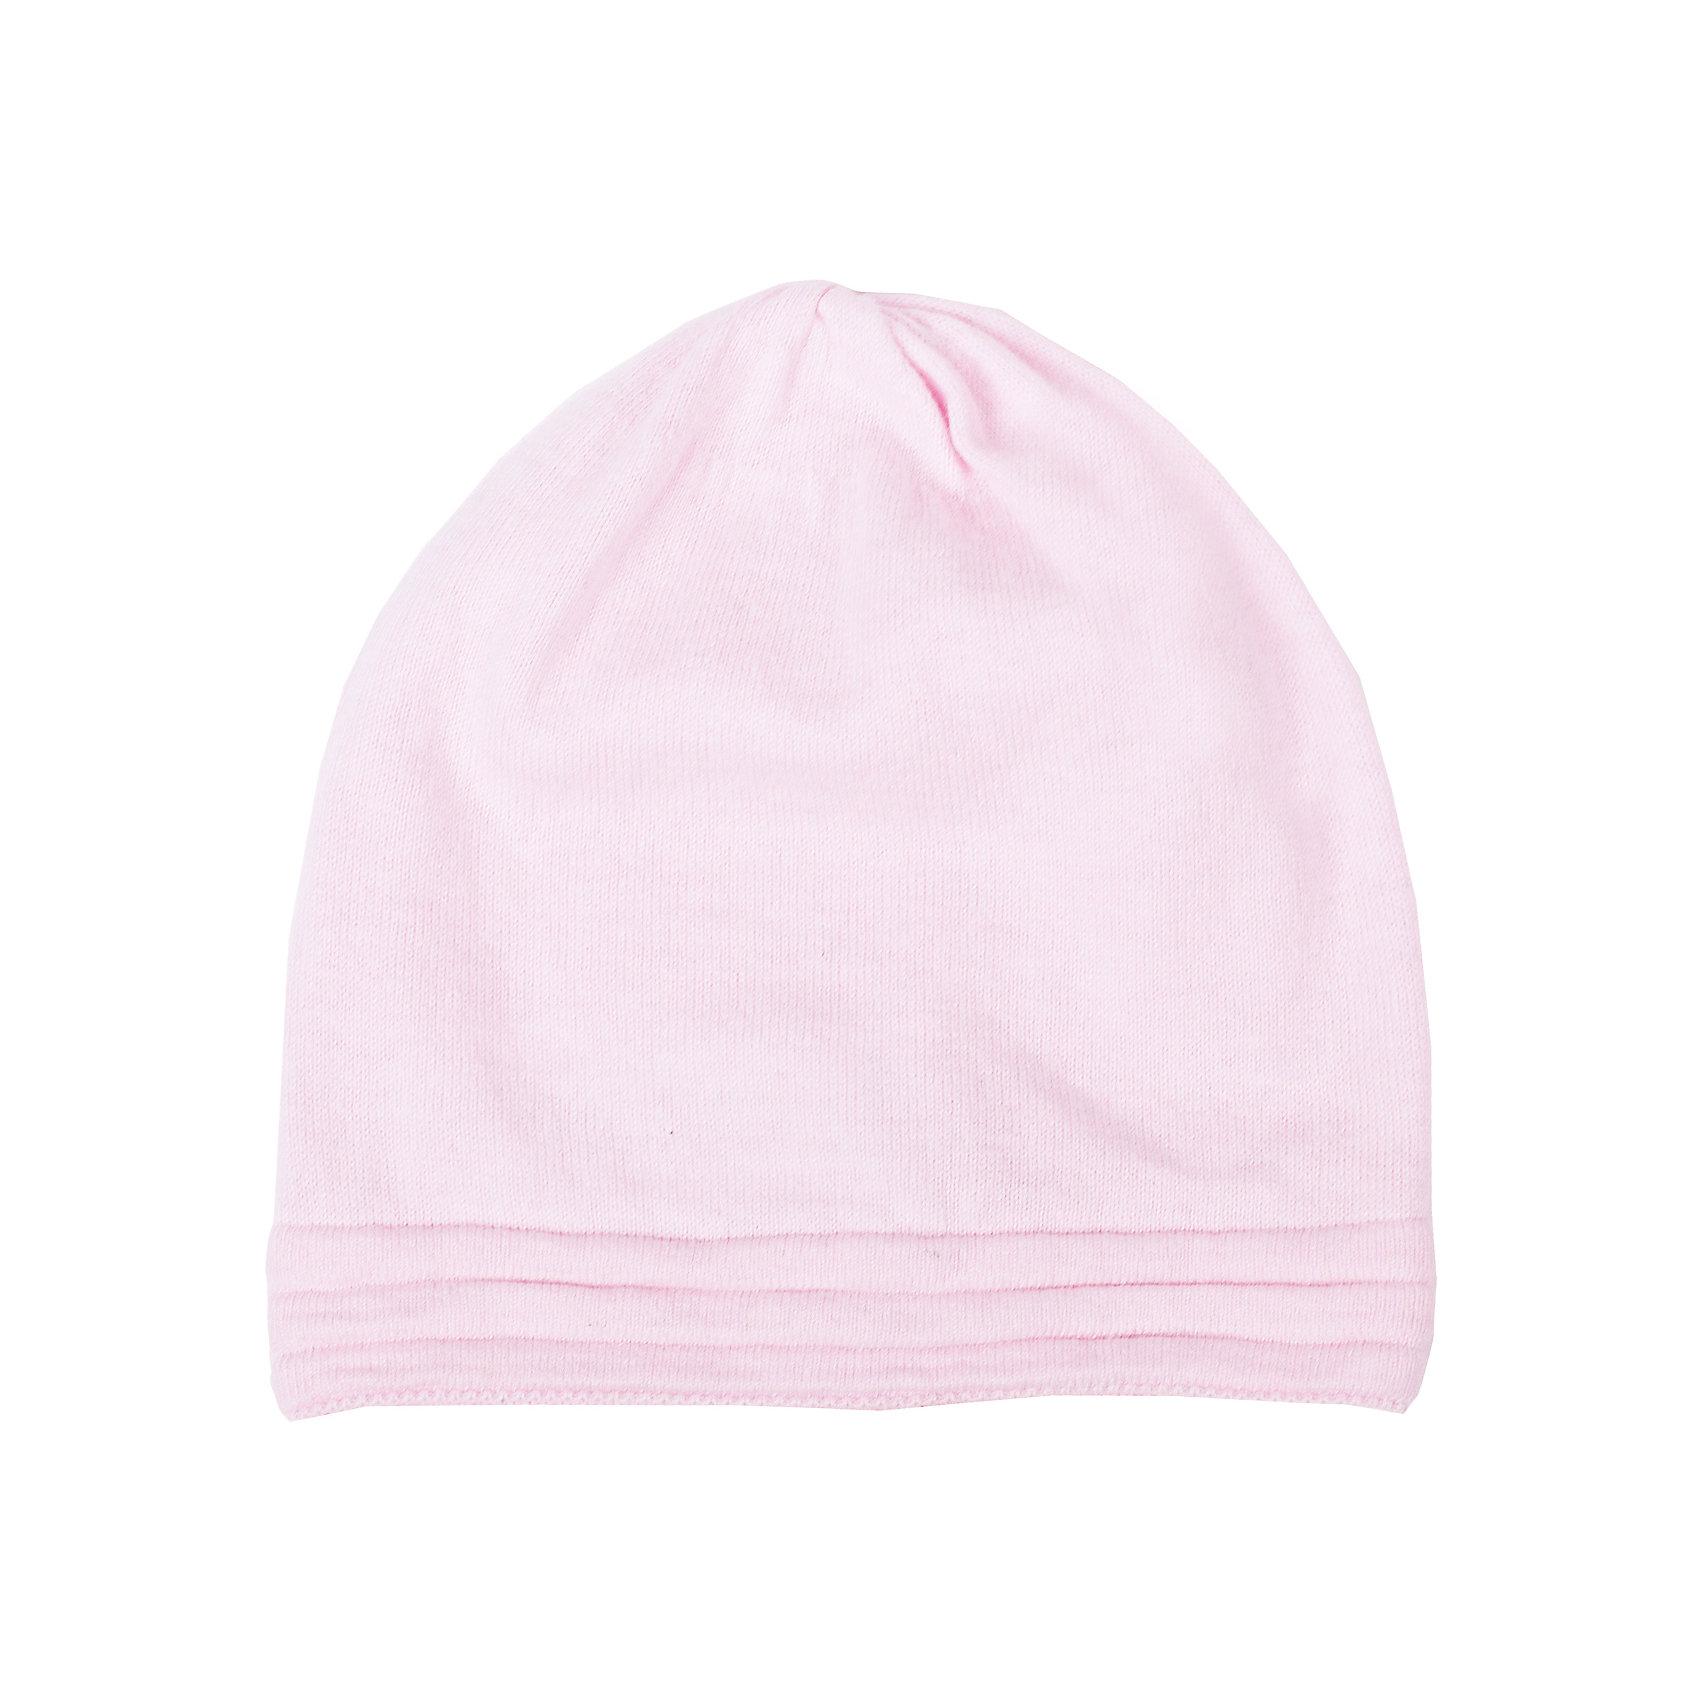 Шапка для девочки GulliverСтильная вязаная шапка отлично дополнит повседневный образ ребенка. Мягкая, легкая, комфортная, она отлично разместится в кармане пальто и пиджака, чтобы в любой момент защитить модницу от непогоды и ветра.<br>Состав:<br>80% хлопок             20% вискоза<br><br>Ширина мм: 89<br>Глубина мм: 117<br>Высота мм: 44<br>Вес г: 155<br>Цвет: светло-розовый<br>Возраст от месяцев: 48<br>Возраст до месяцев: 72<br>Пол: Женский<br>Возраст: Детский<br>Размер: 52-54,54-56<br>SKU: 4534440